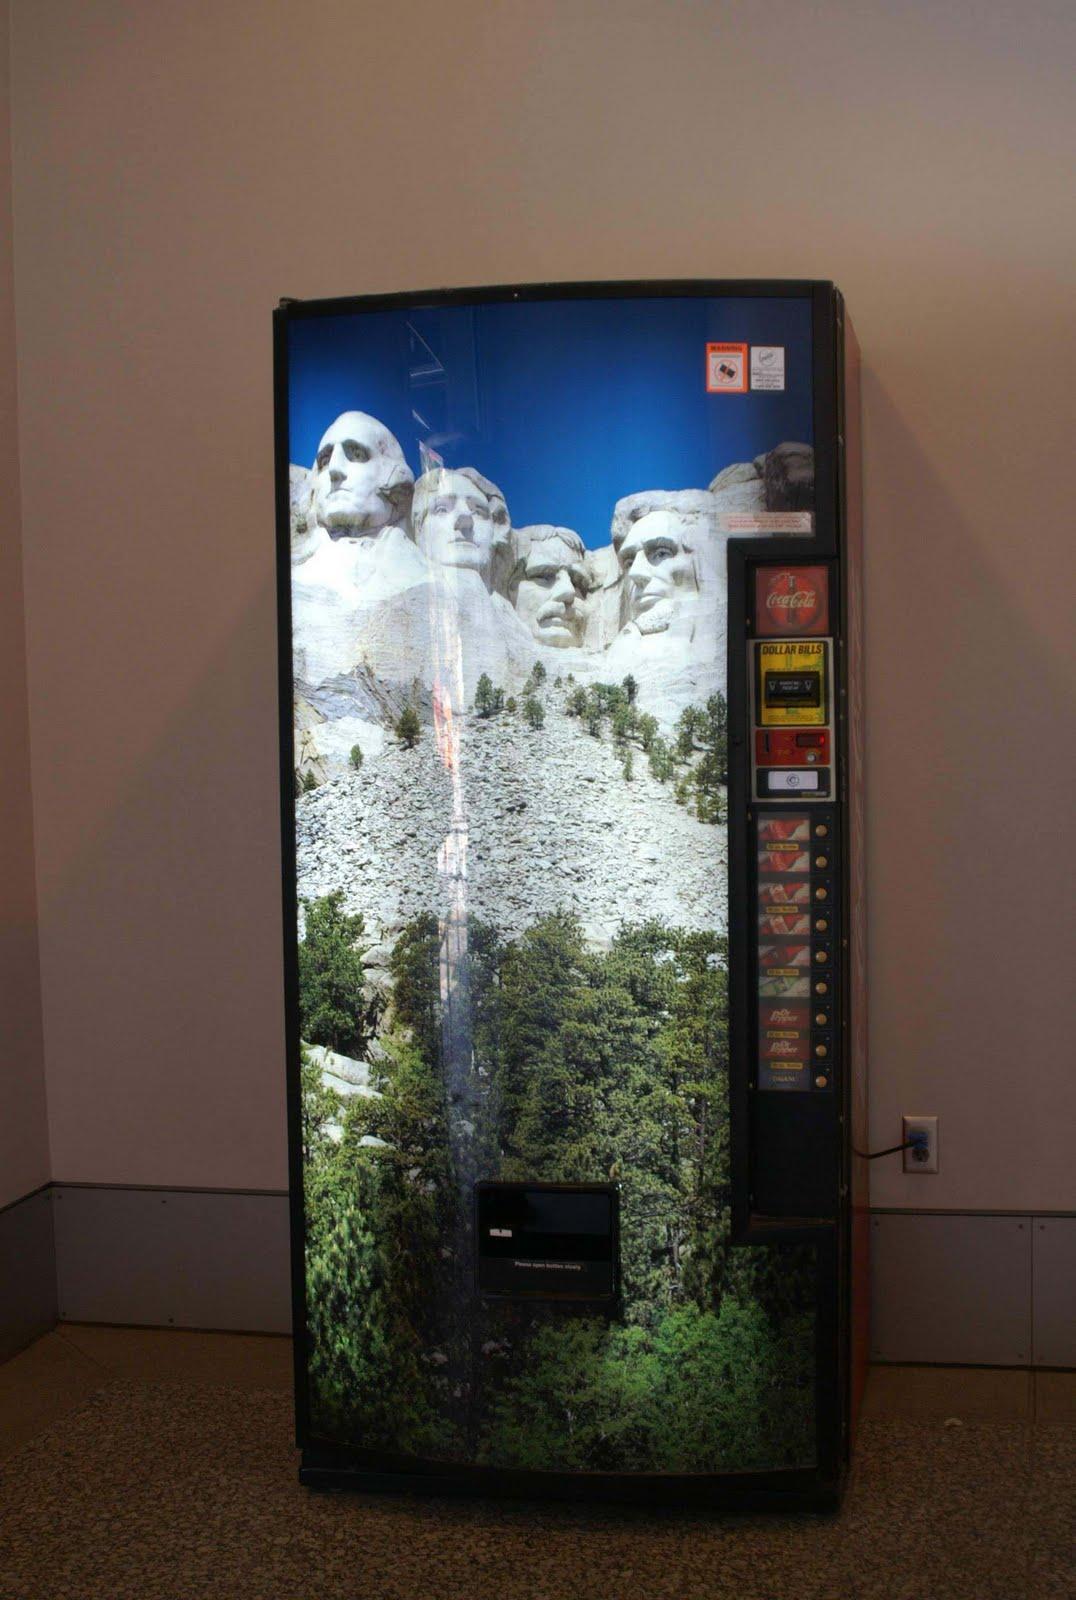 http://1.bp.blogspot.com/_WBXzvQavLYs/SrU-hRpYI-I/AAAAAAAAEIQ/U4vqvrkHAs0/s1600/Mt.+Rushmore.06.jpg